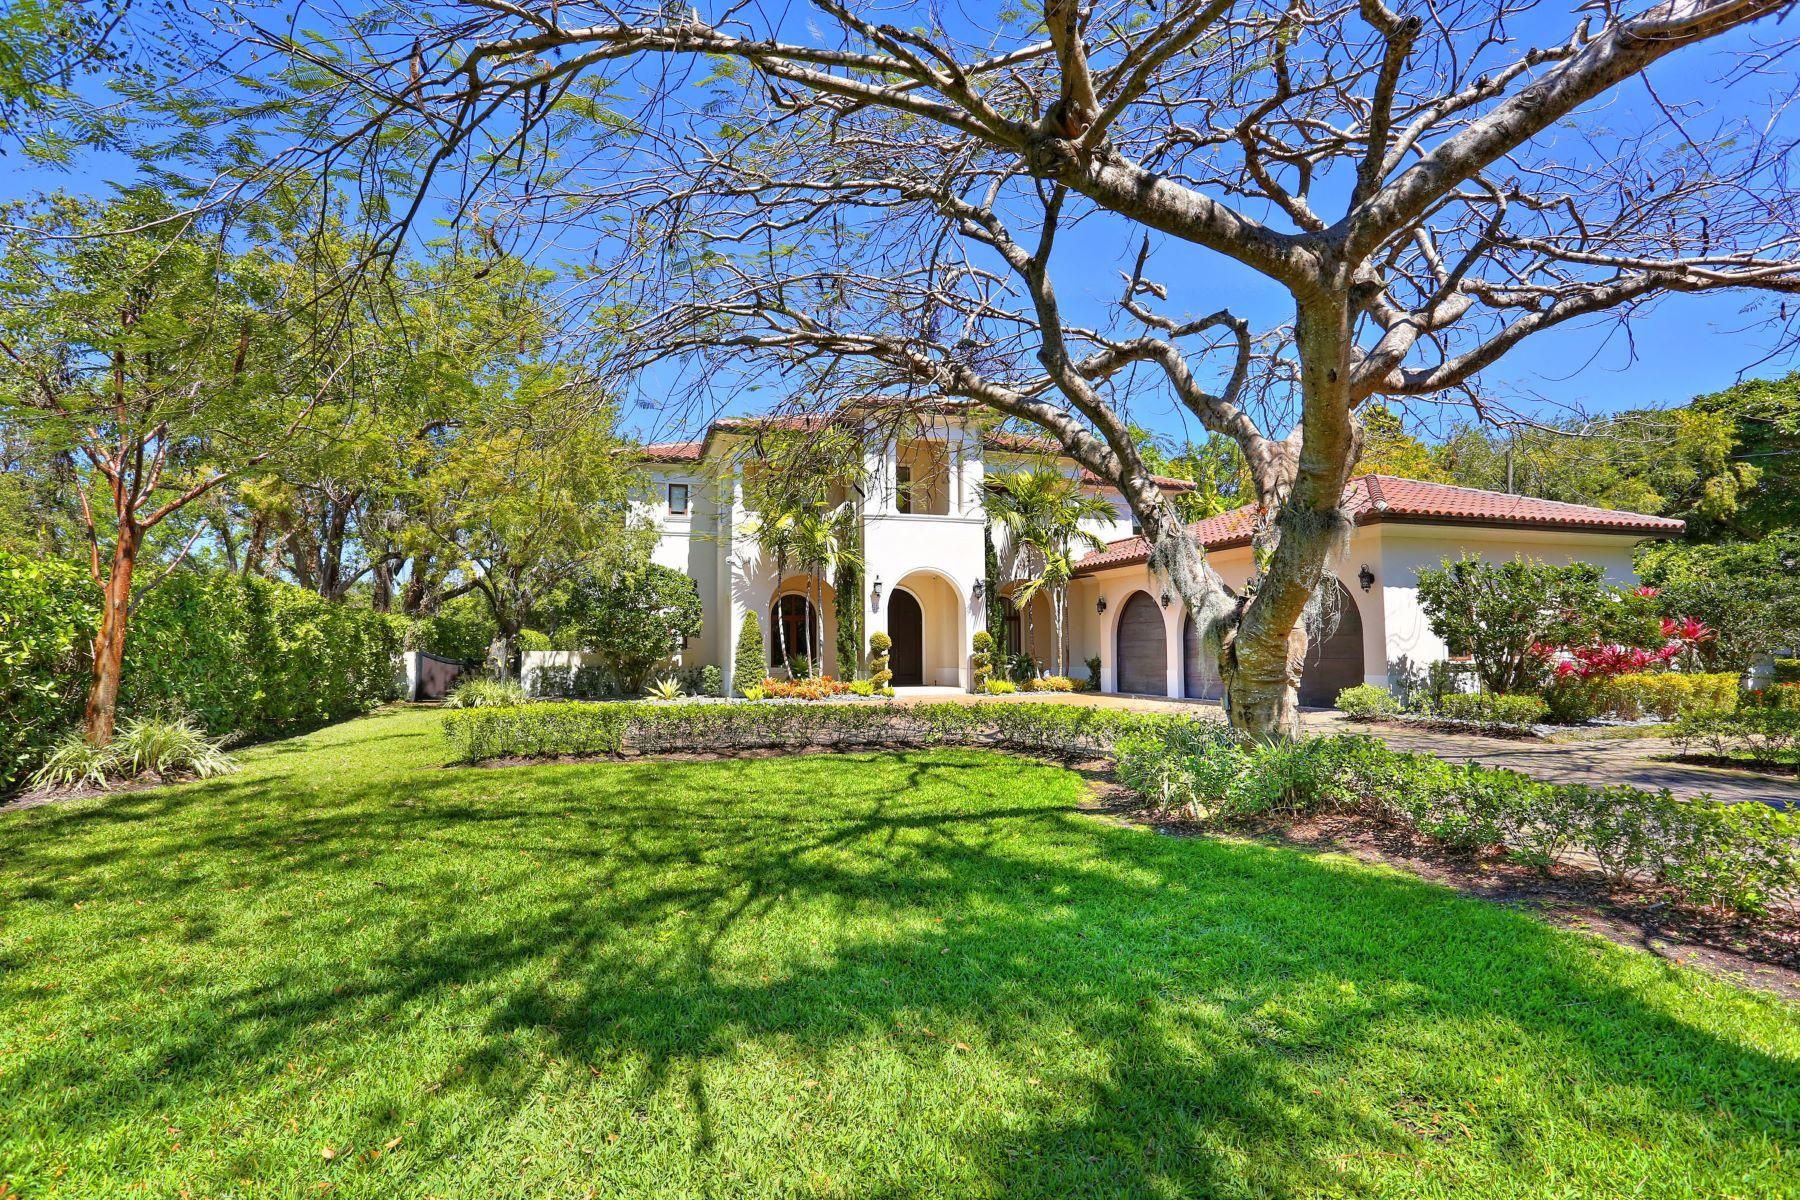 واحد منزل الأسرة للـ Sale في 6885 Sw 92nd St 6885 Sw 92nd St Pinecrest, Florida 33156 United States